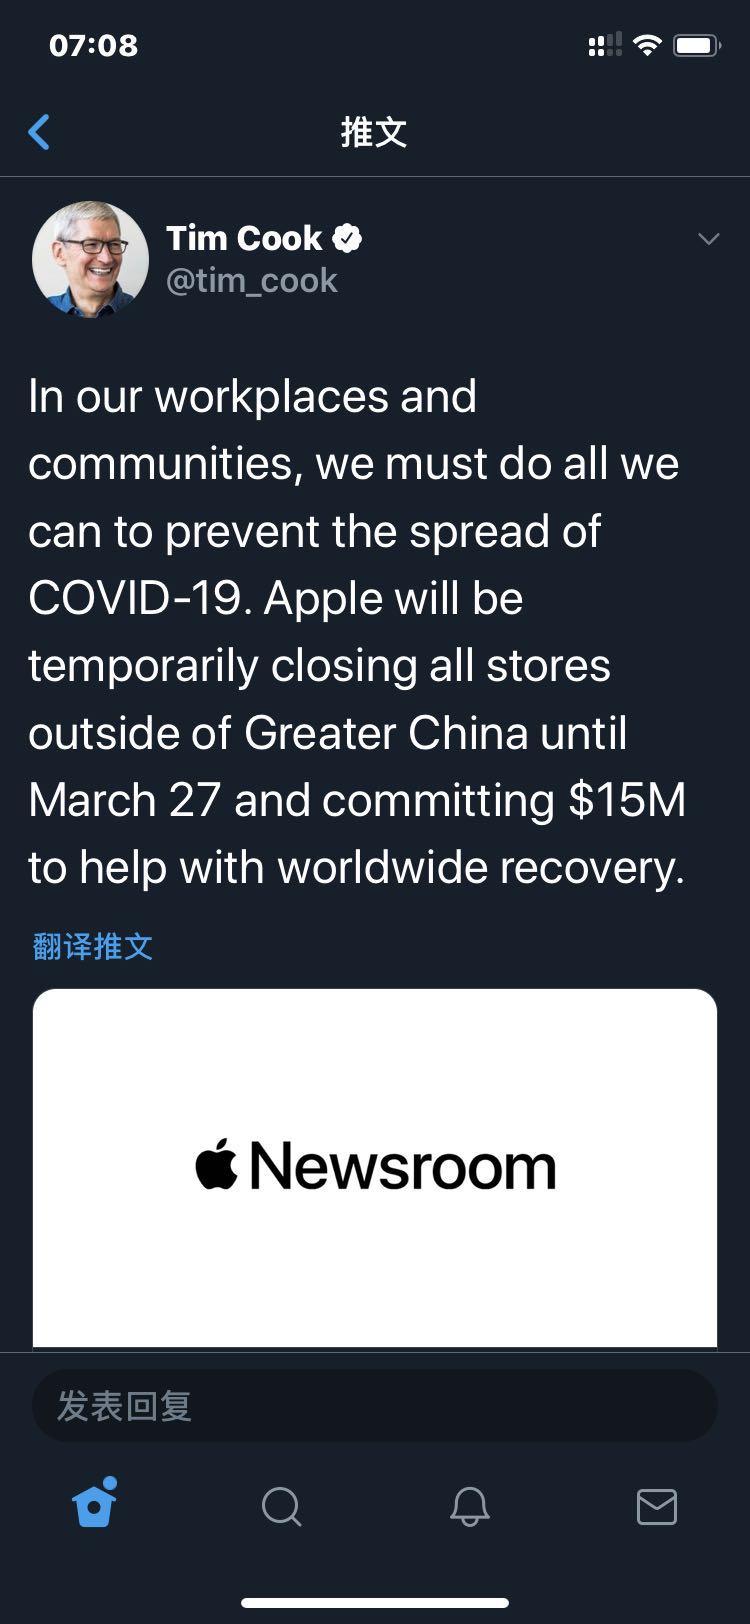 蘋果公司將關閉大中華區以外的所有門店